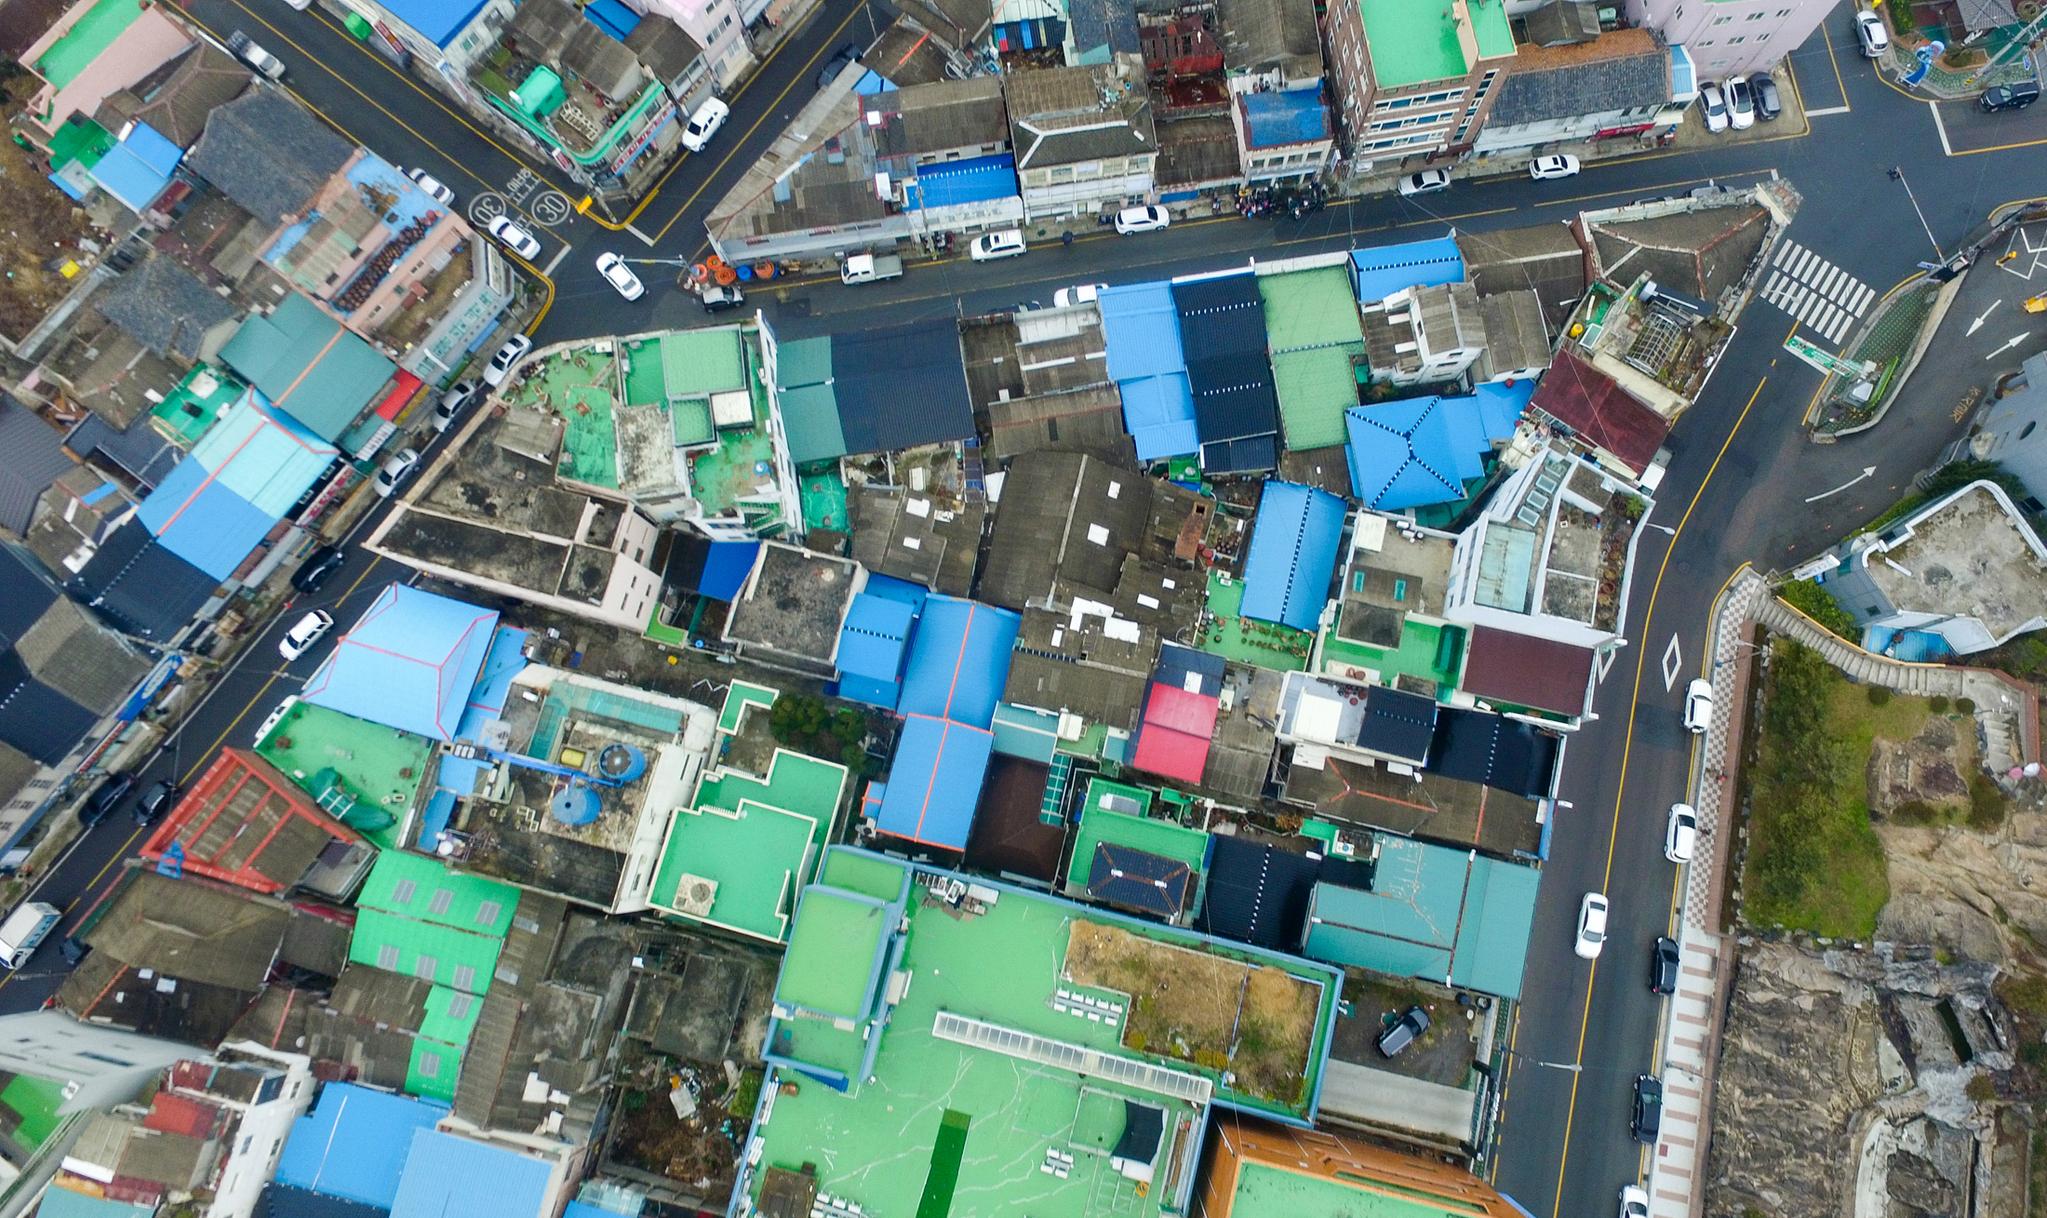 손혜원 의원 남편이 운영하는 재단에서 구매한 건물들이 밀집한 지역. 작은 건물들이 붙어 있어 도로에 인접한 건물 외에는 드론으로만 확인 가능하다. [프리랜서 장정필]